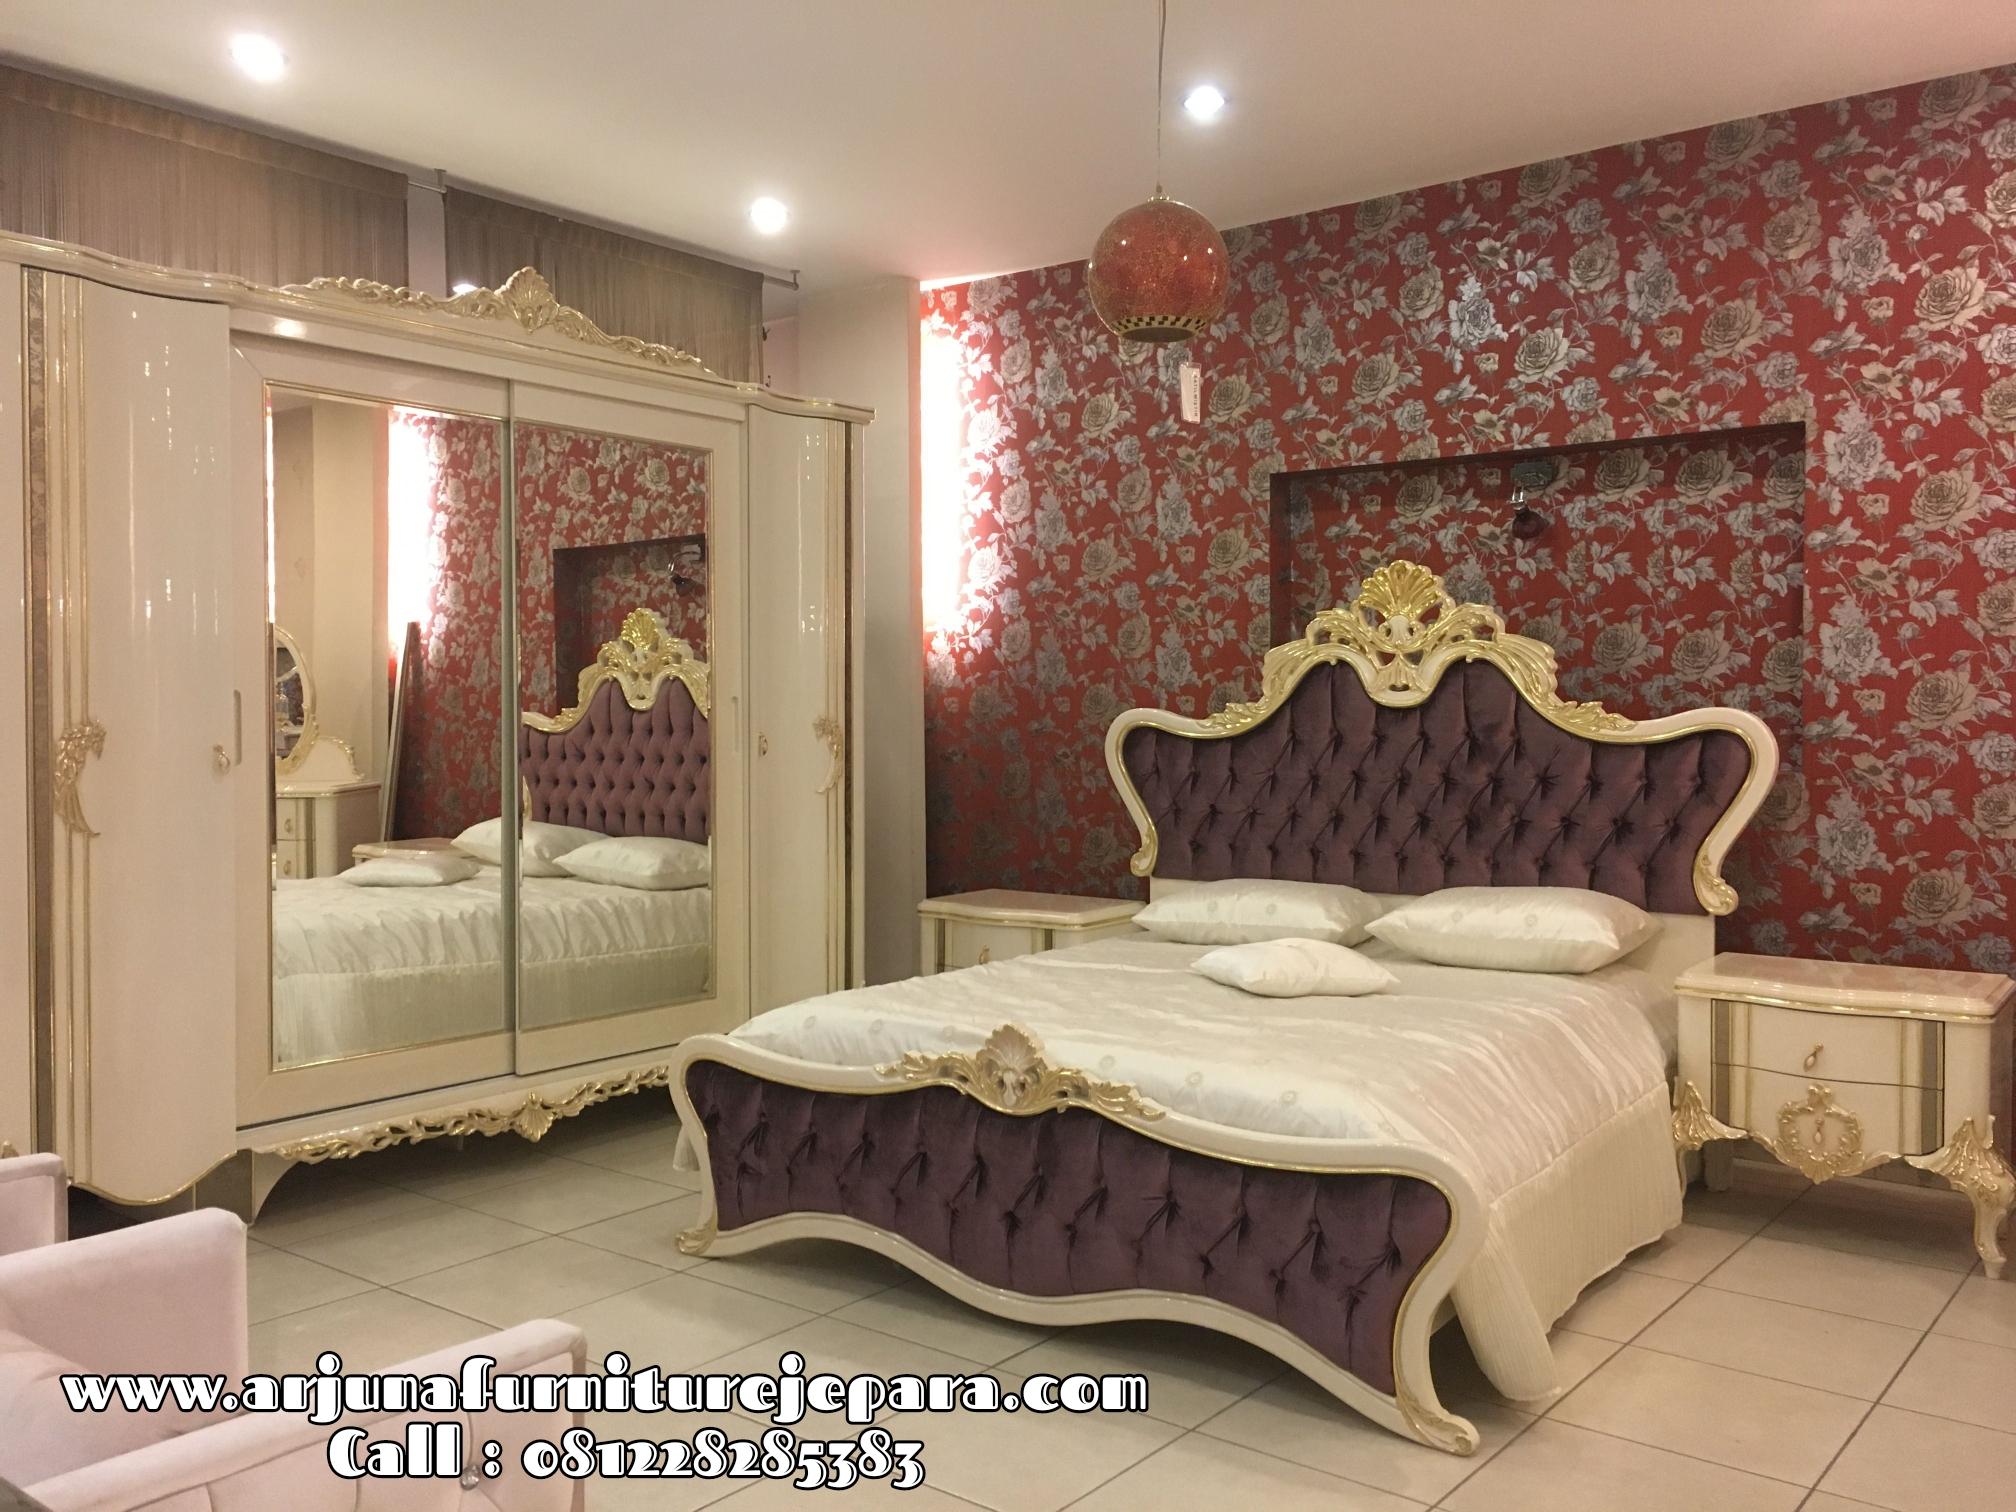 Desain Set Tempat Tidur Klasik Ukiran Mewah